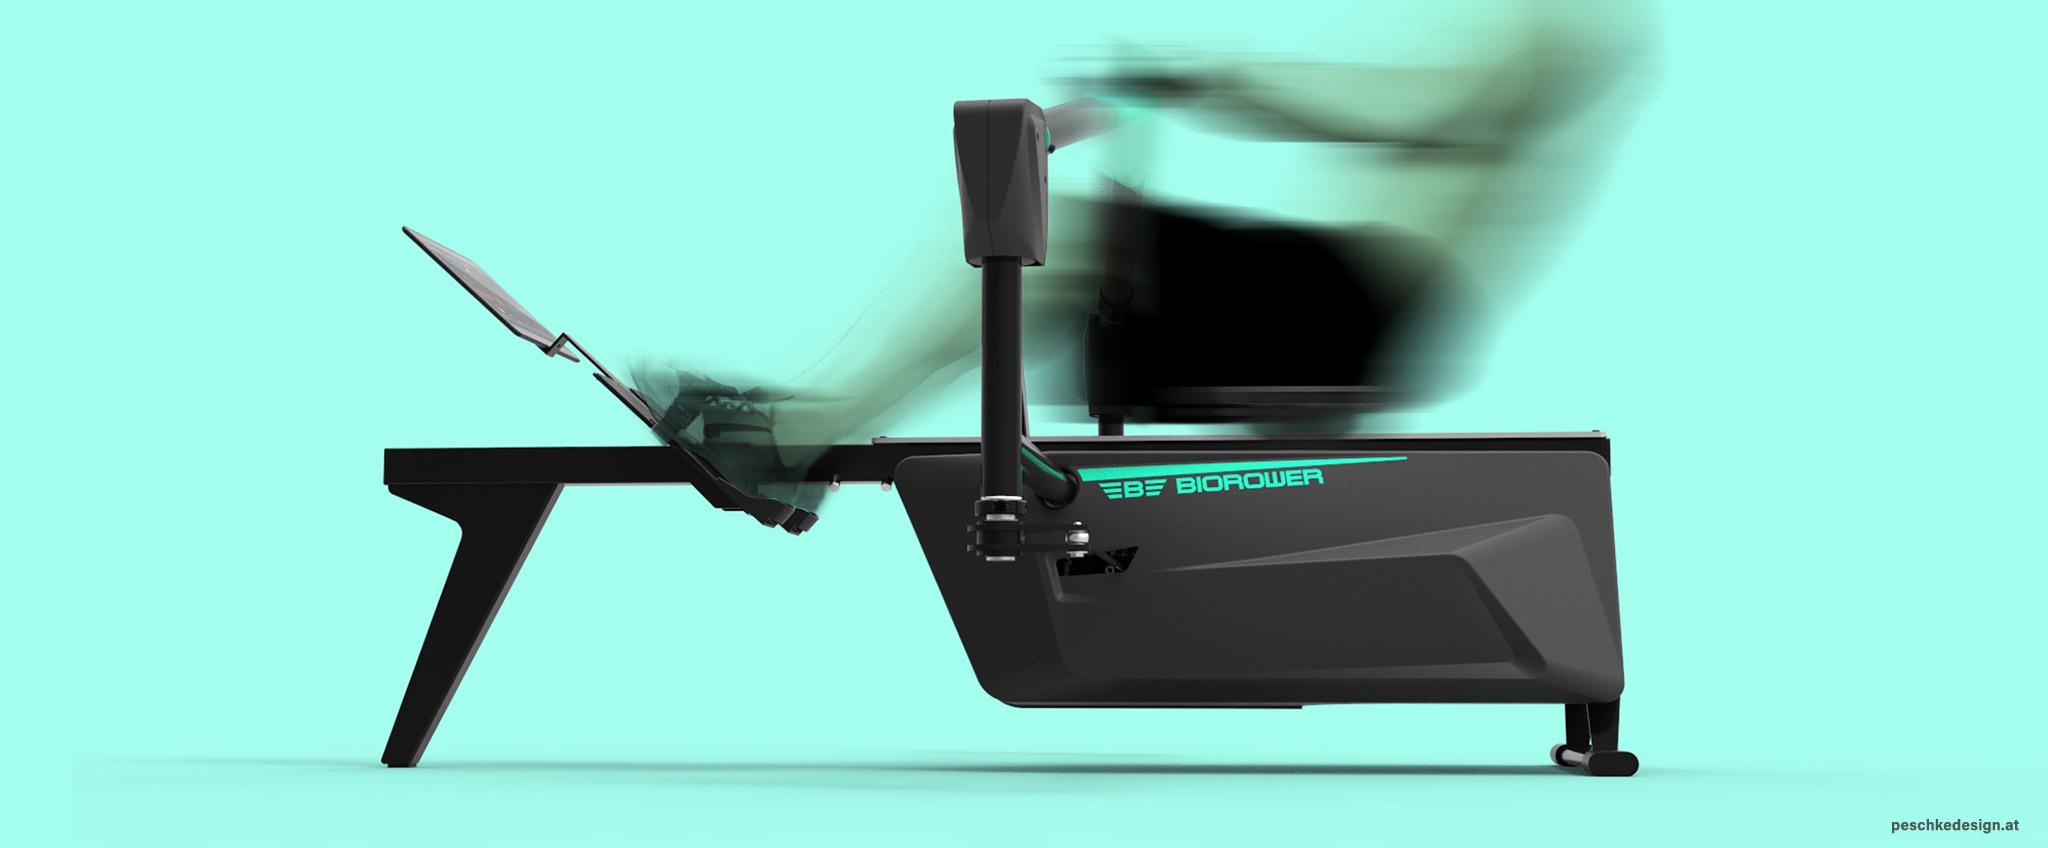 produktdesign ruder-ergometer seitenansicht